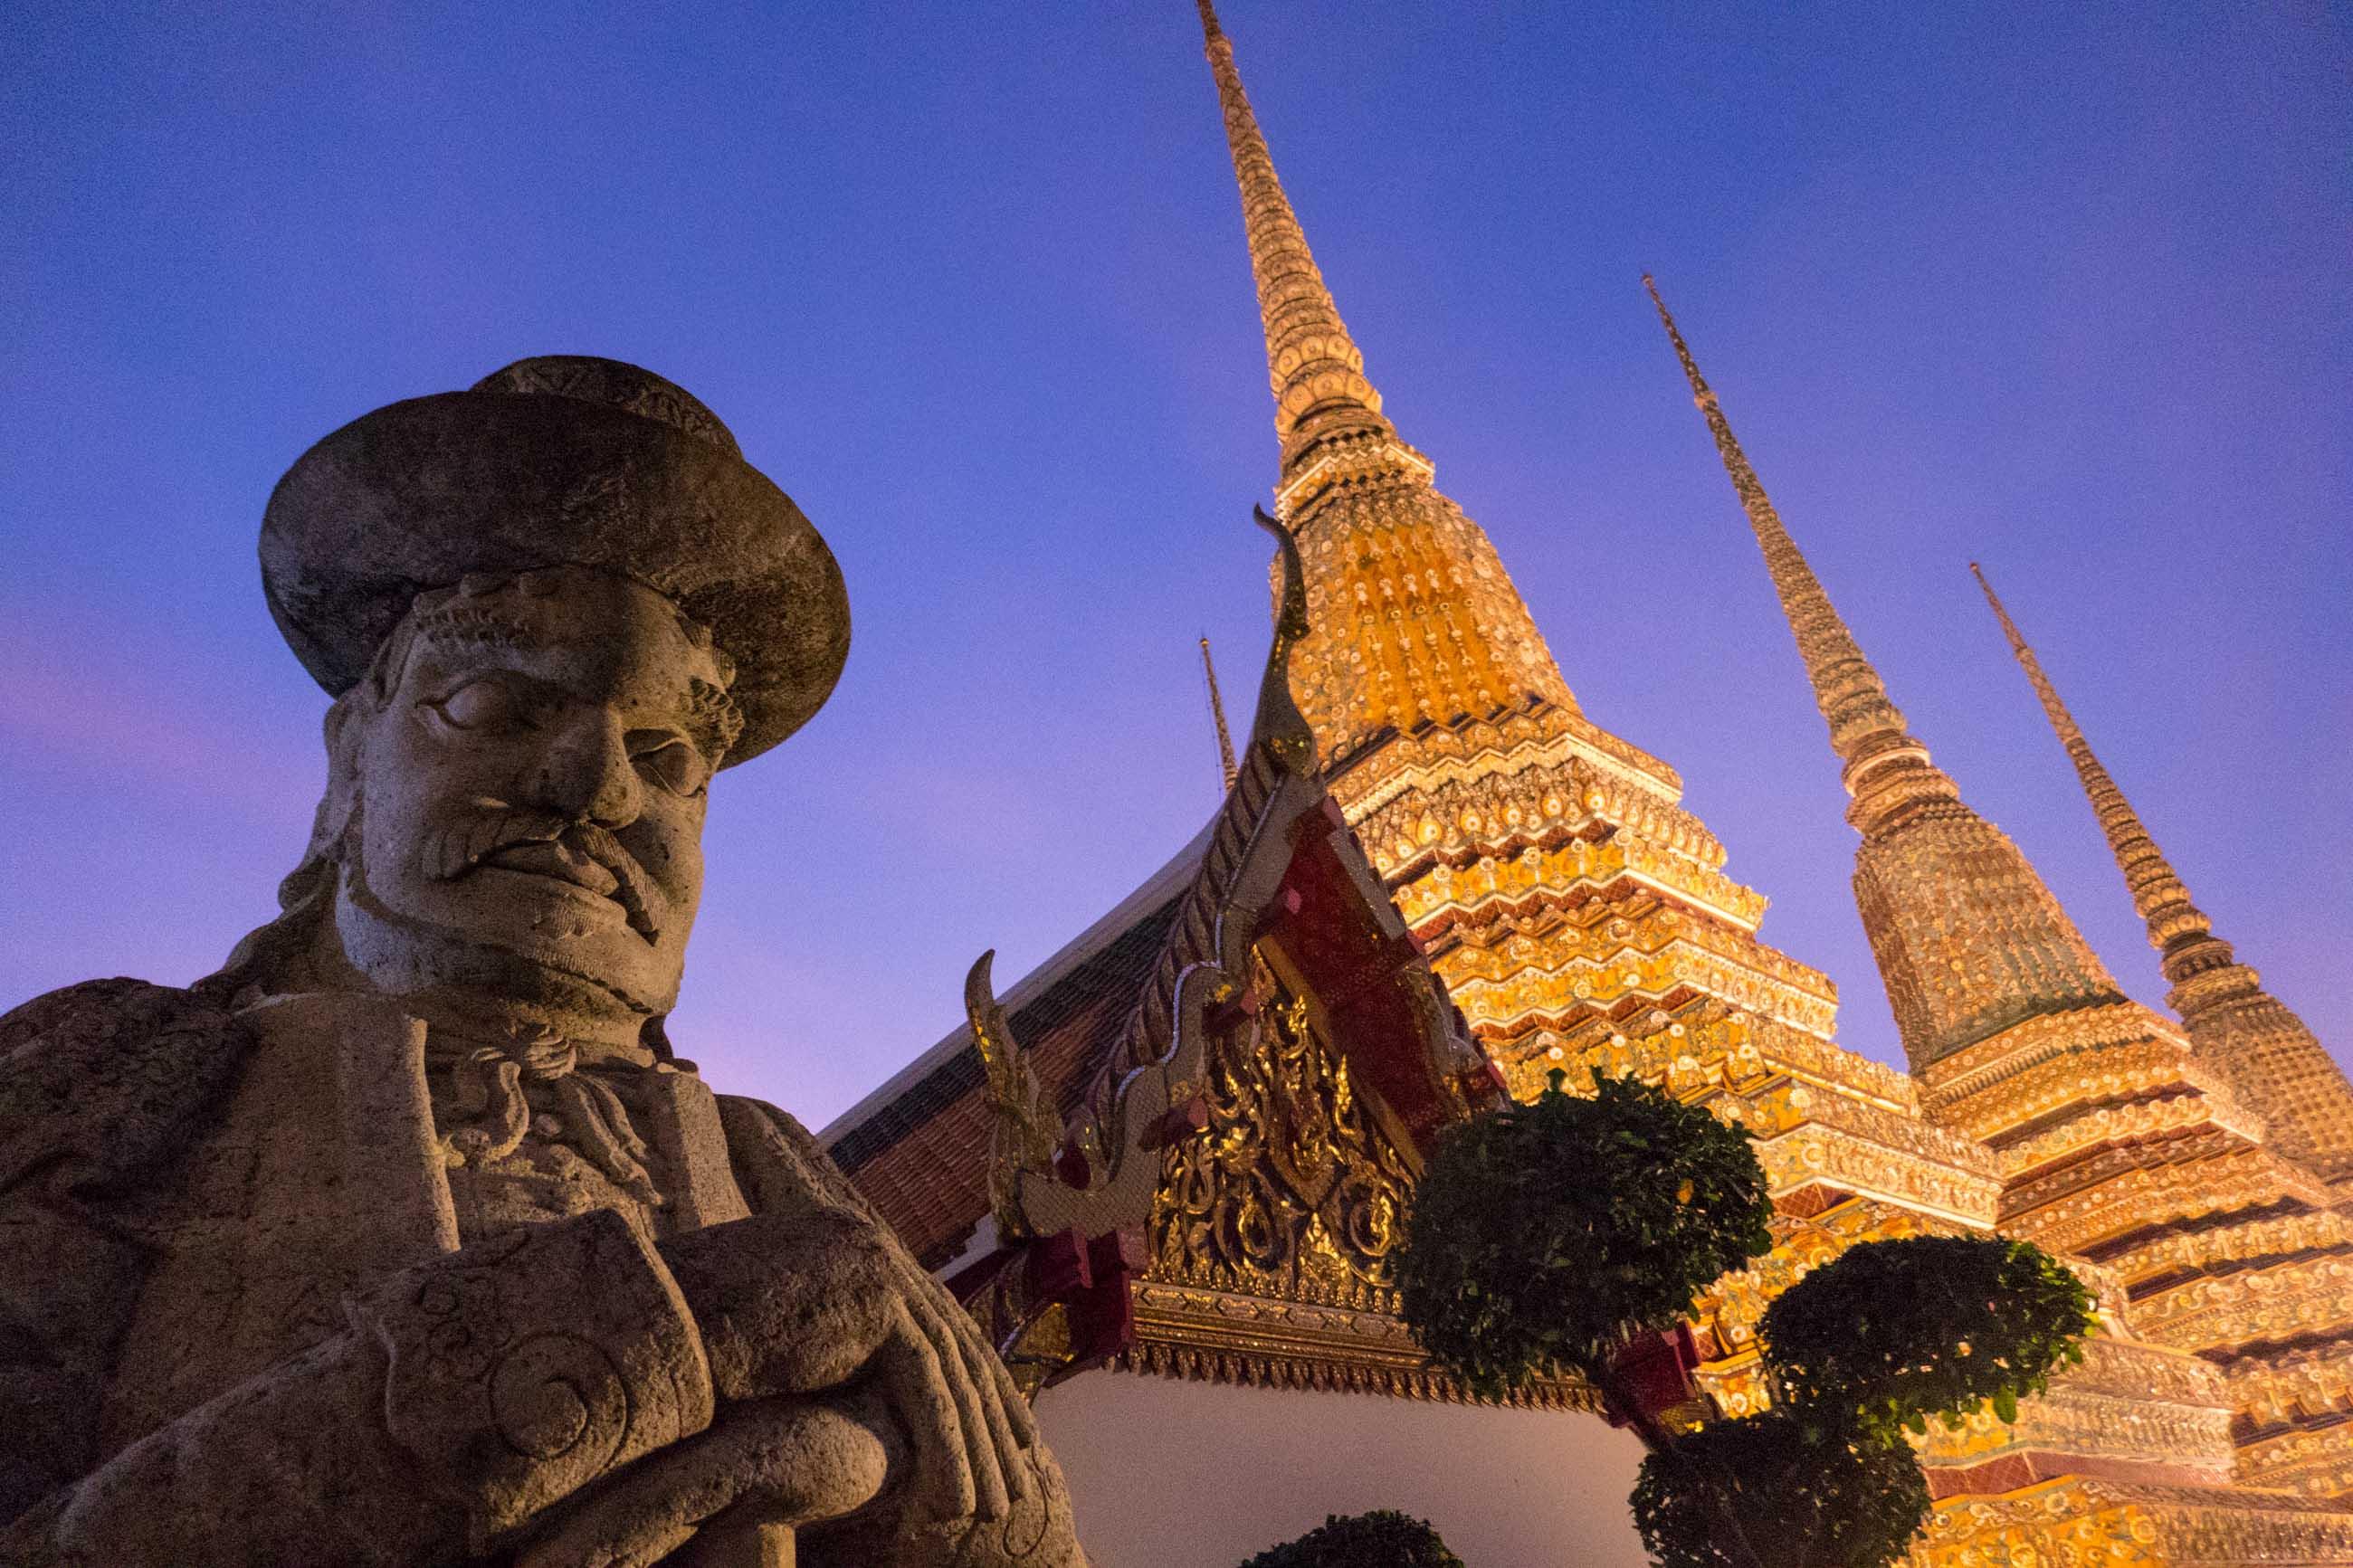 https://bubo.sk/uploads/galleries/7404/martinsimko_thajsko_bangkok_021.jpg